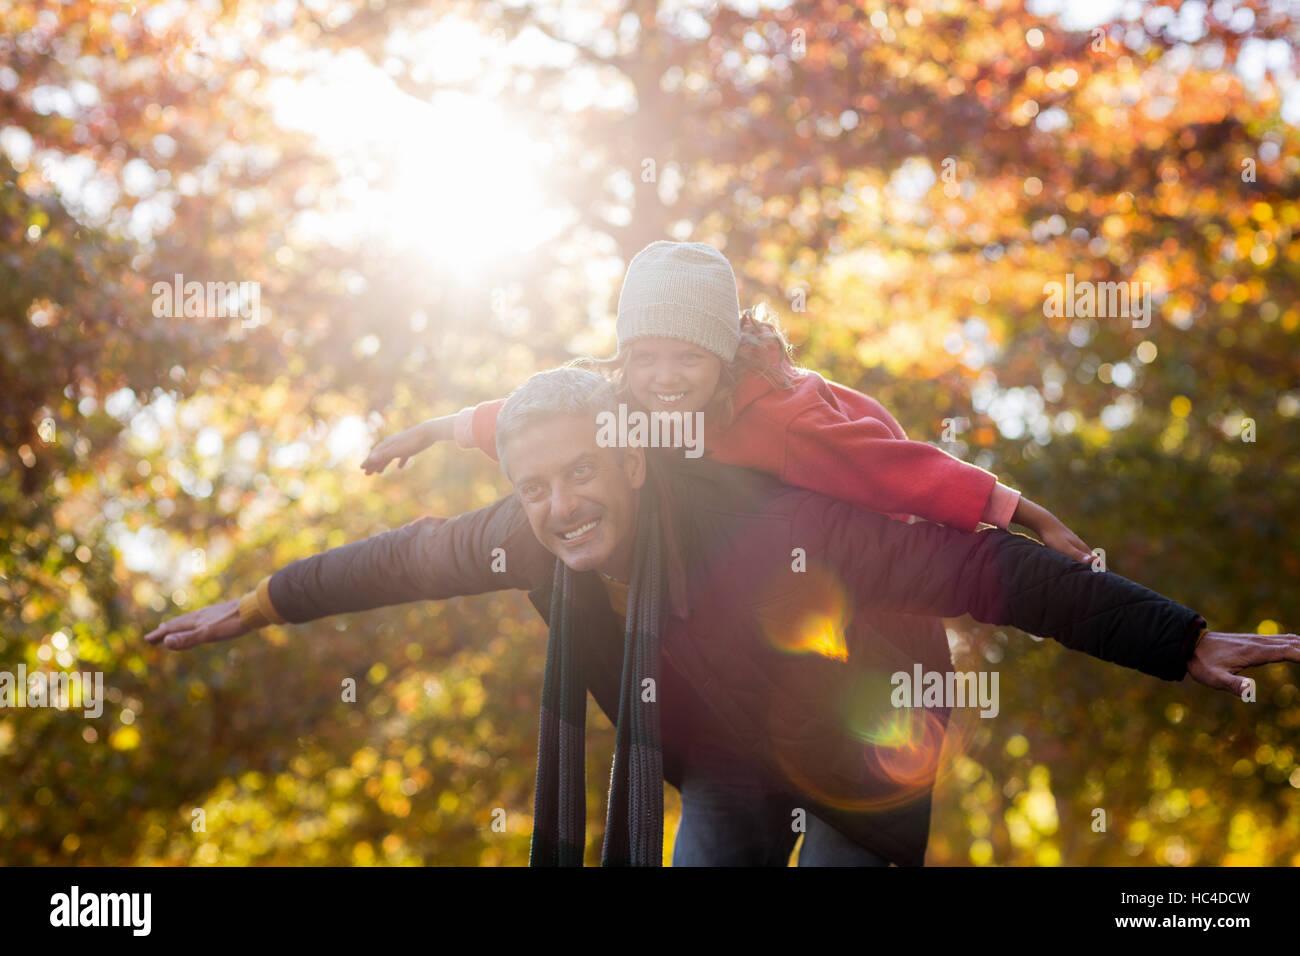 Juguetón padre llevar a su hija de vuelta en el parque Imagen De Stock